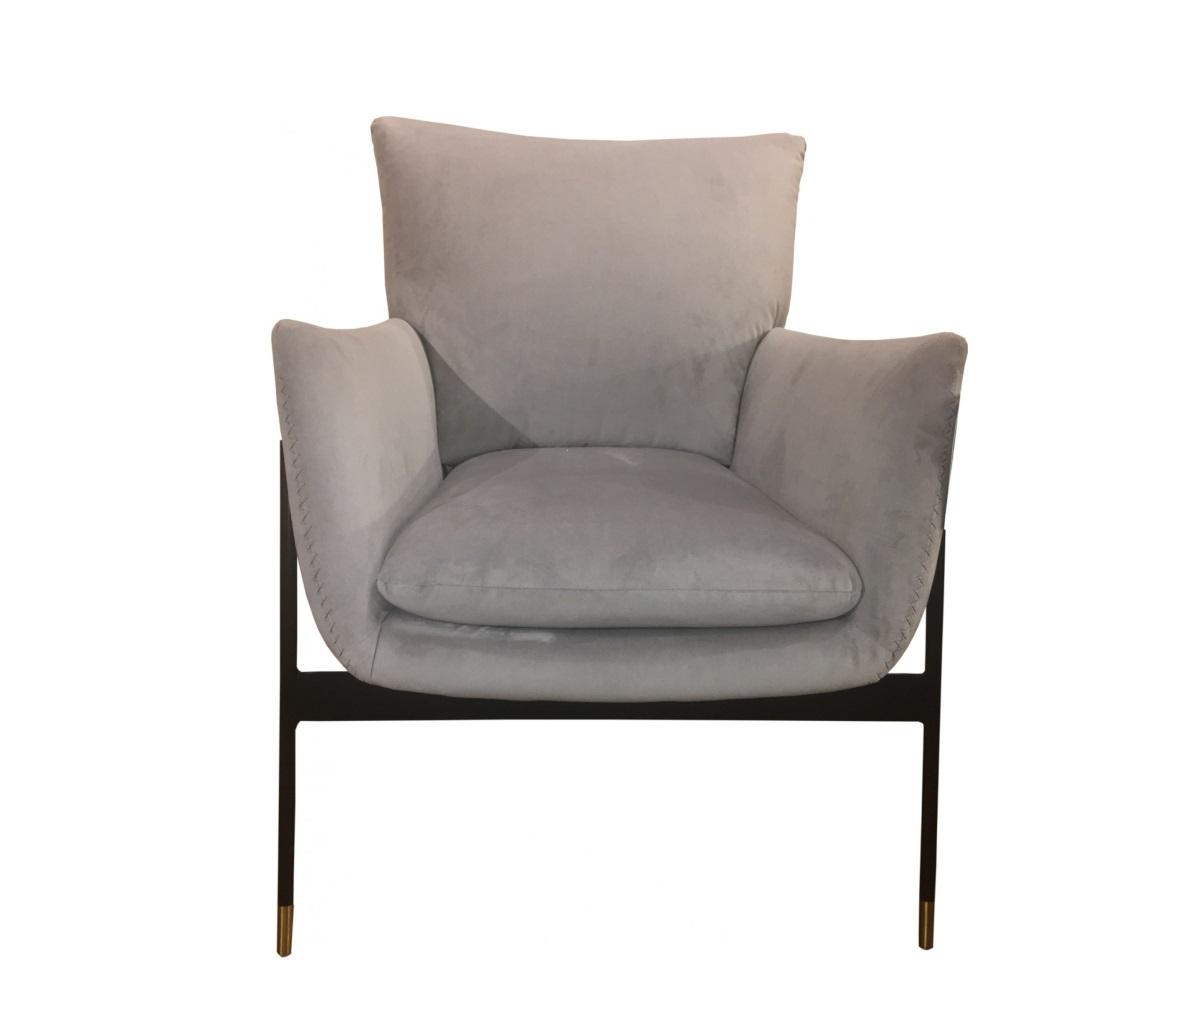 Huxley Arm chair